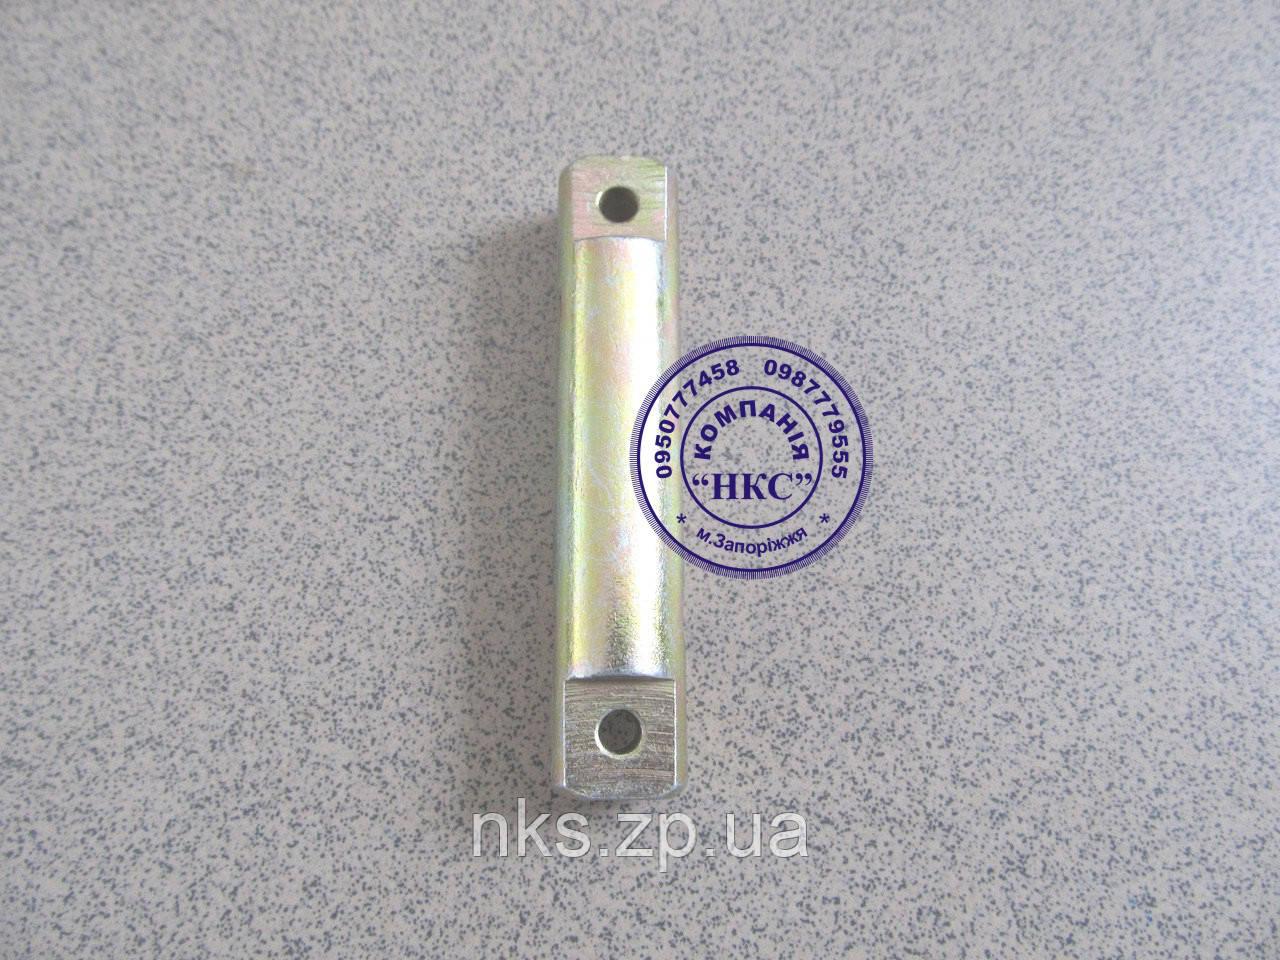 Палец I сошника удобрения СПЧ-6М.